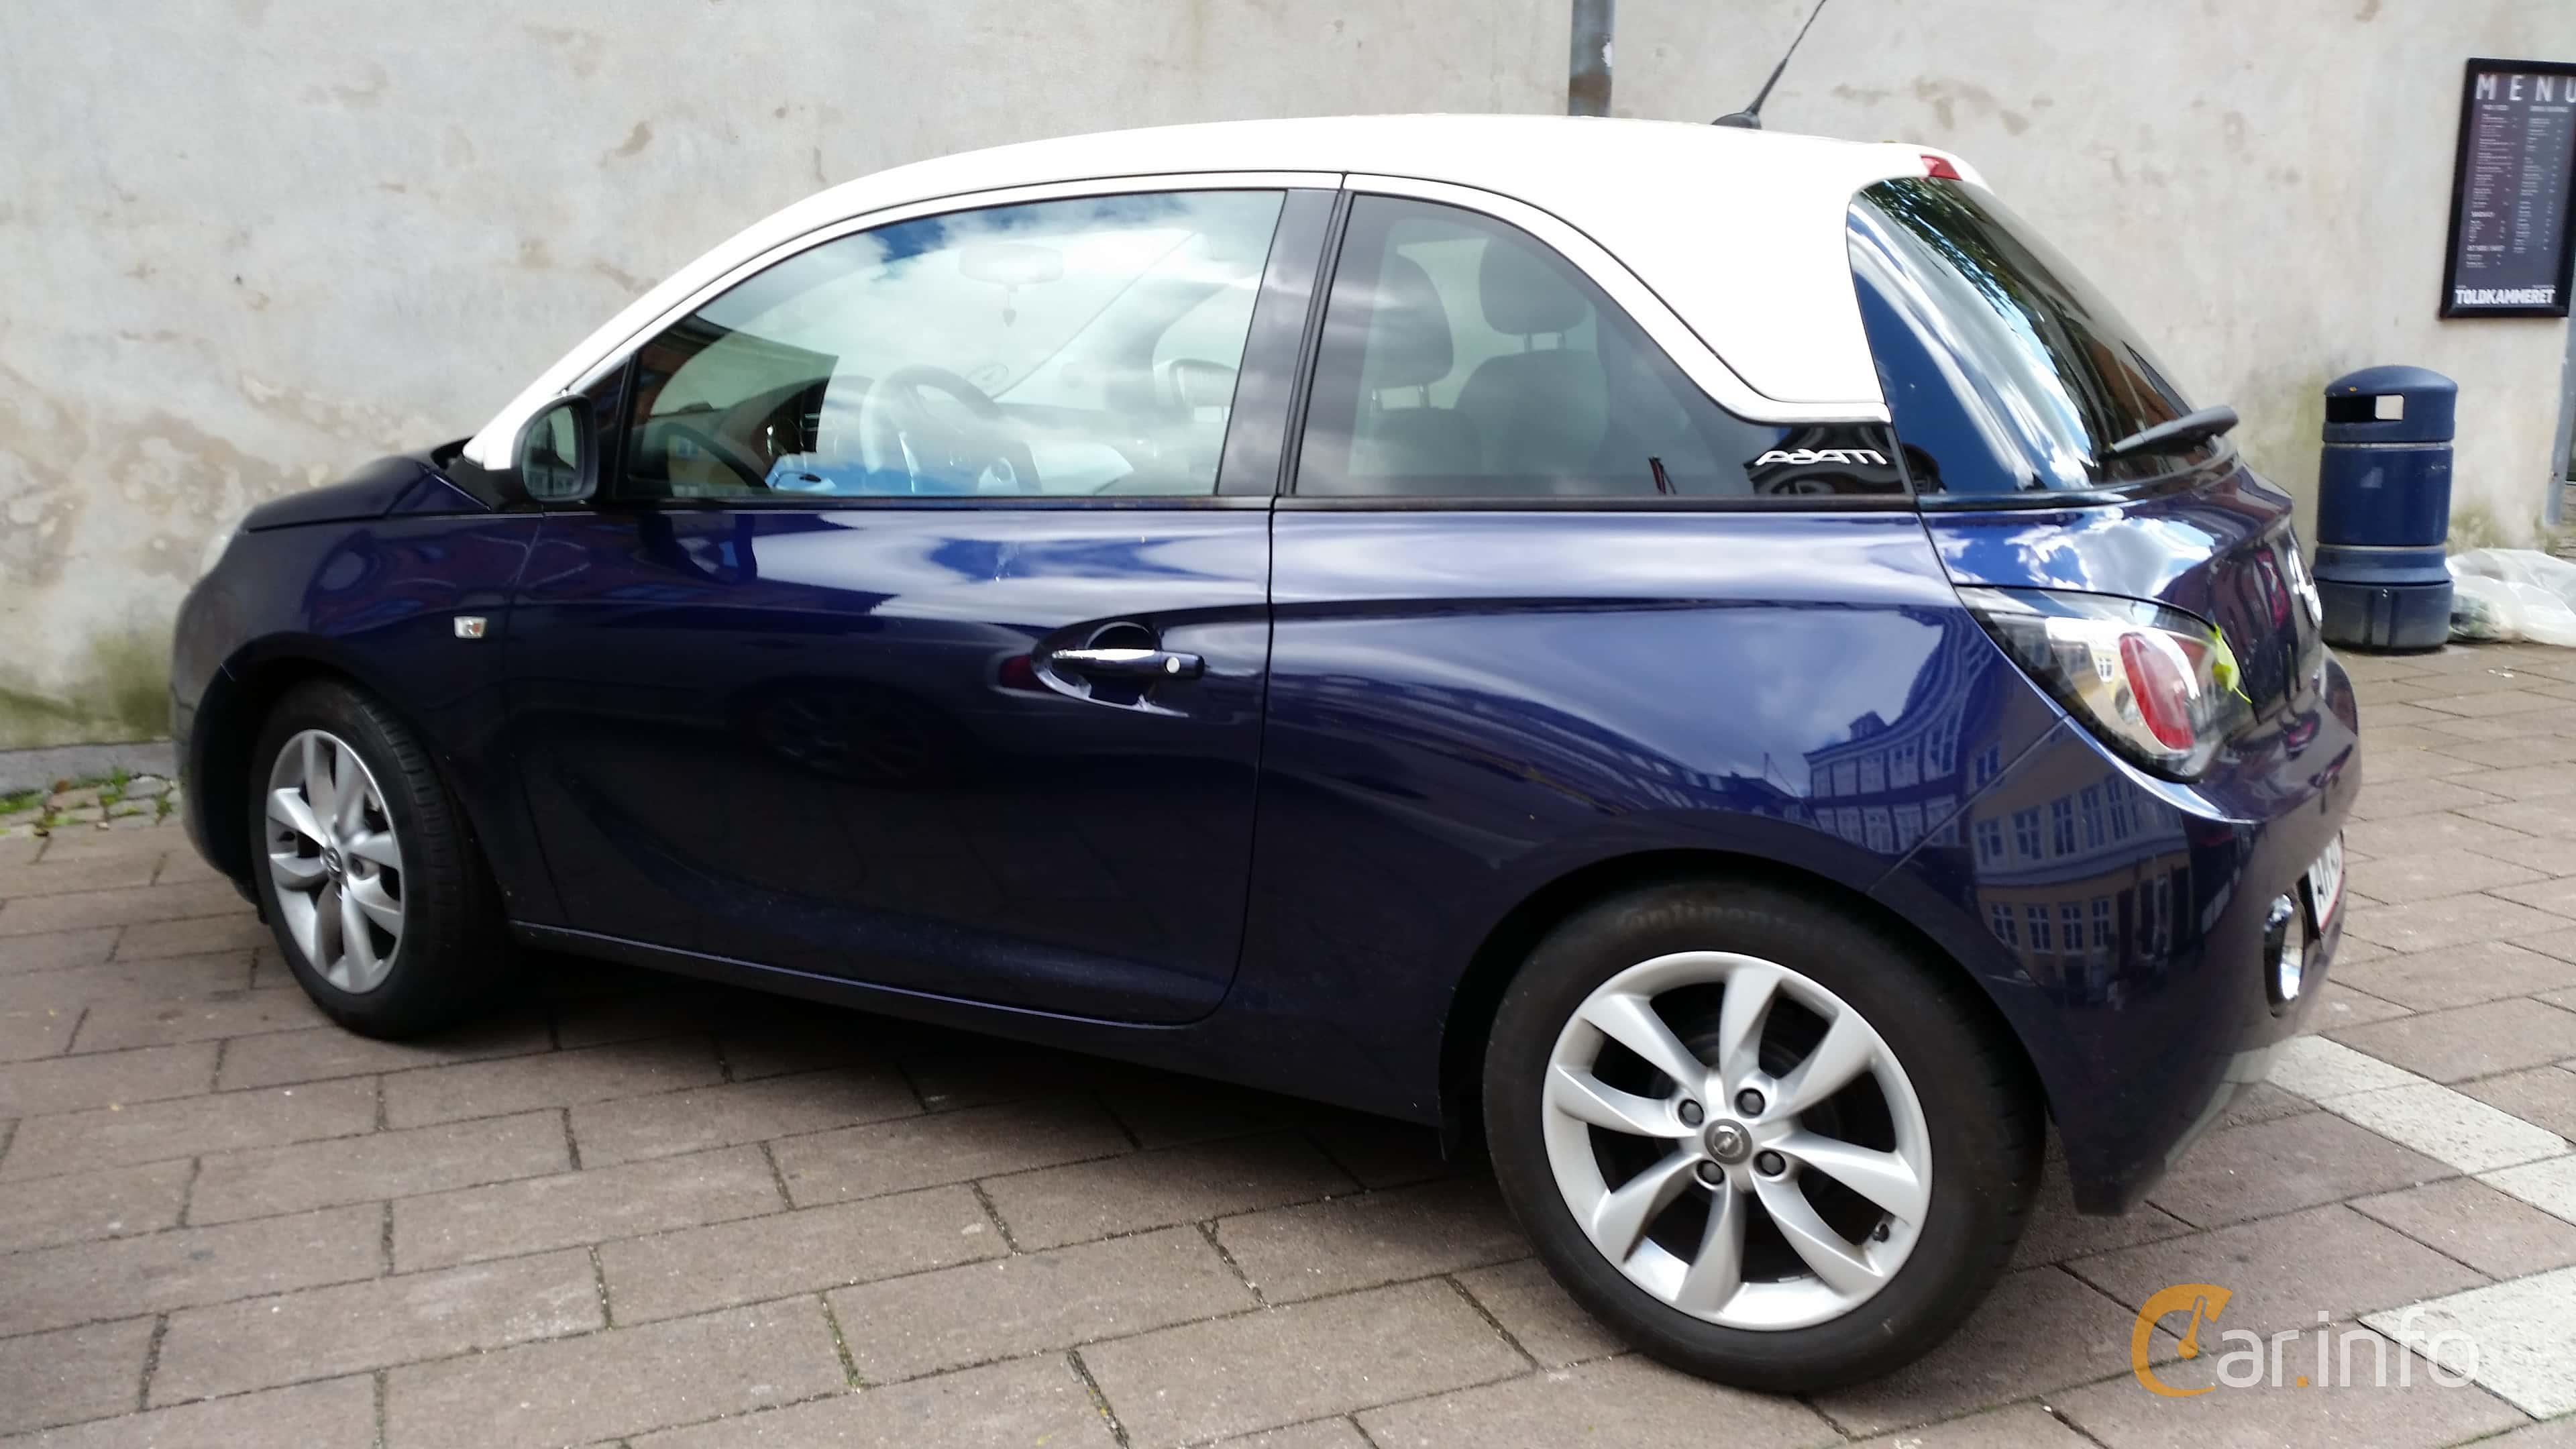 Opel Adam 1.2 Manual, 70hp, 2013